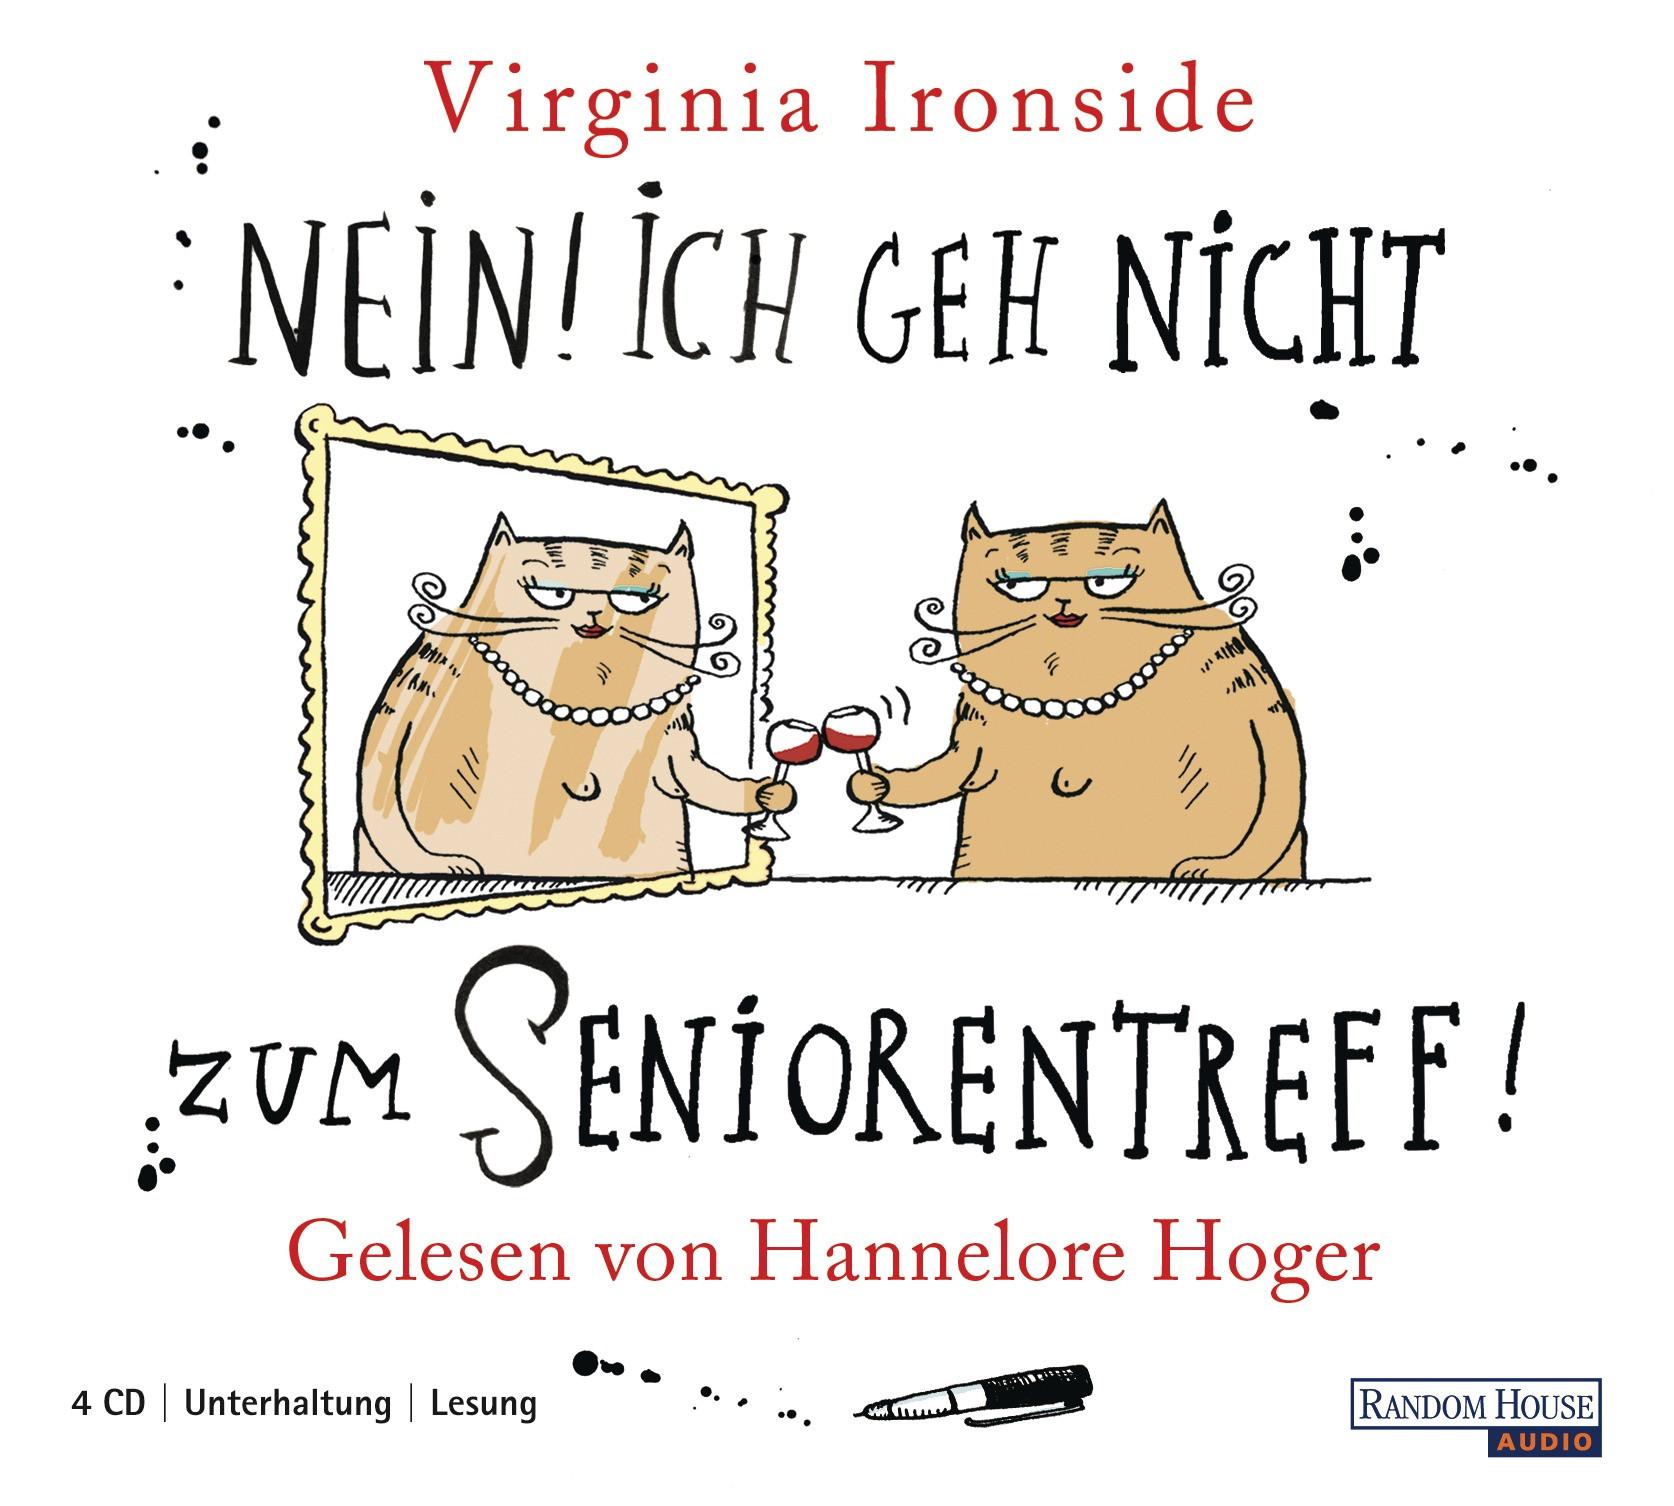 Virginia Ironside - Nein! Ich geh nicht zum Seniorentreff!